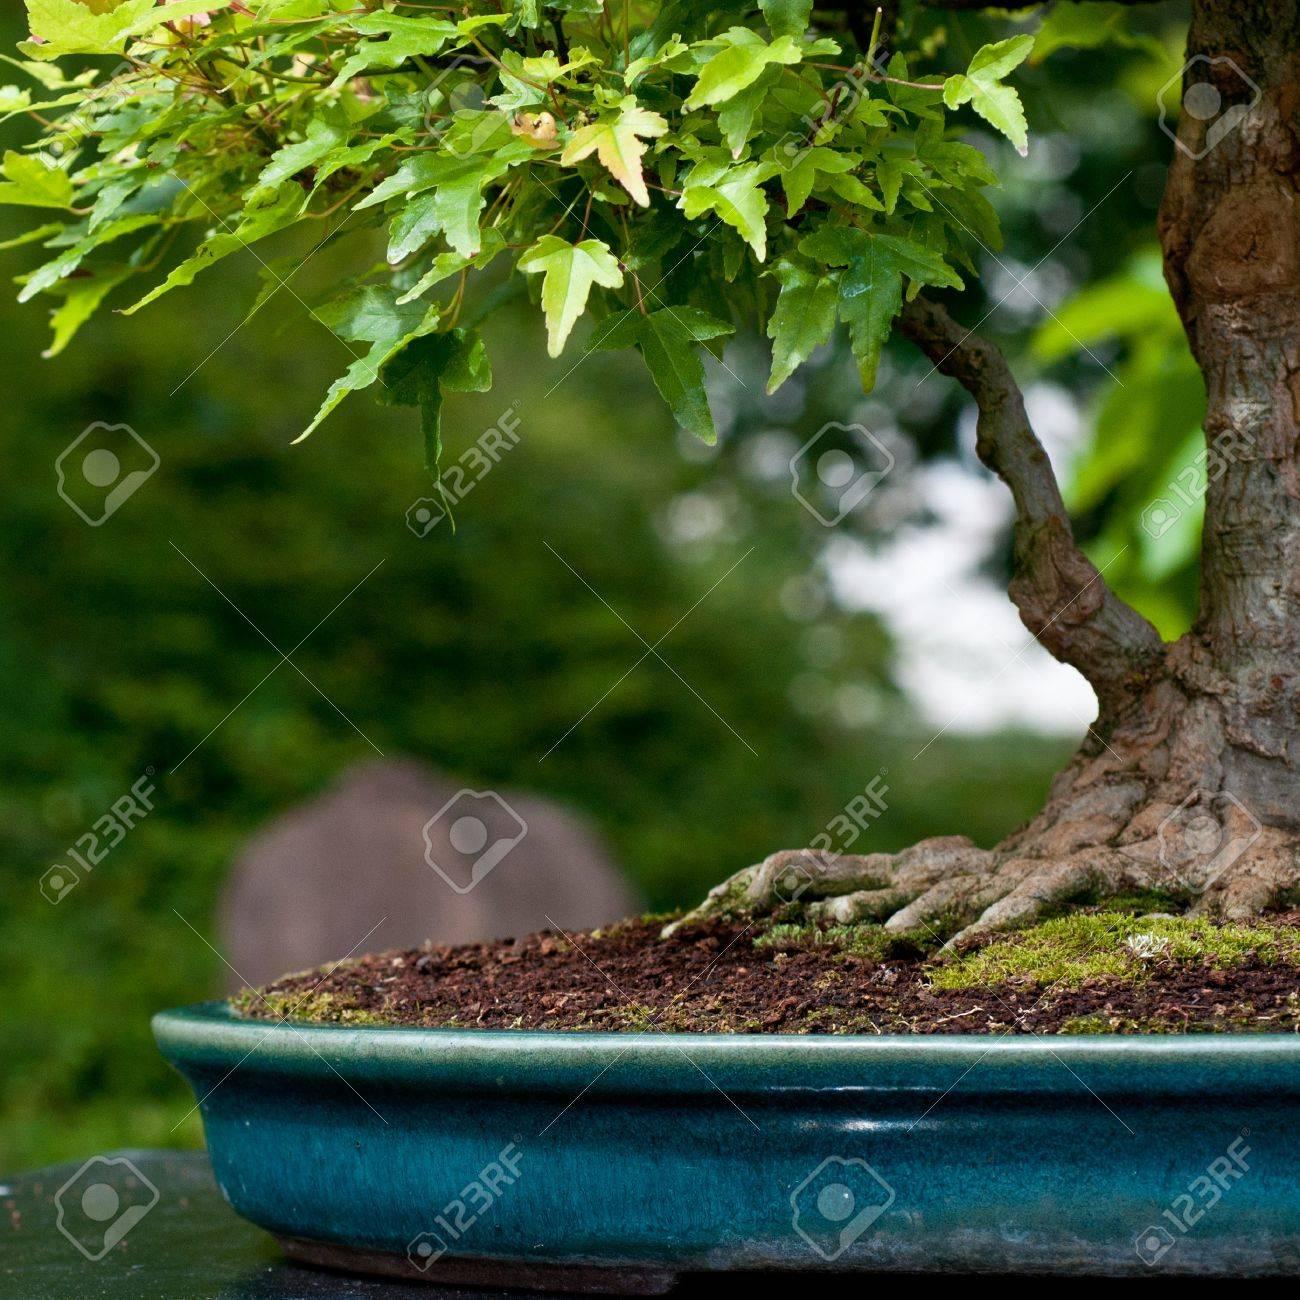 Acer Buergerianum De árbol De Arce Como árbol Bonsai Fotos Retratos